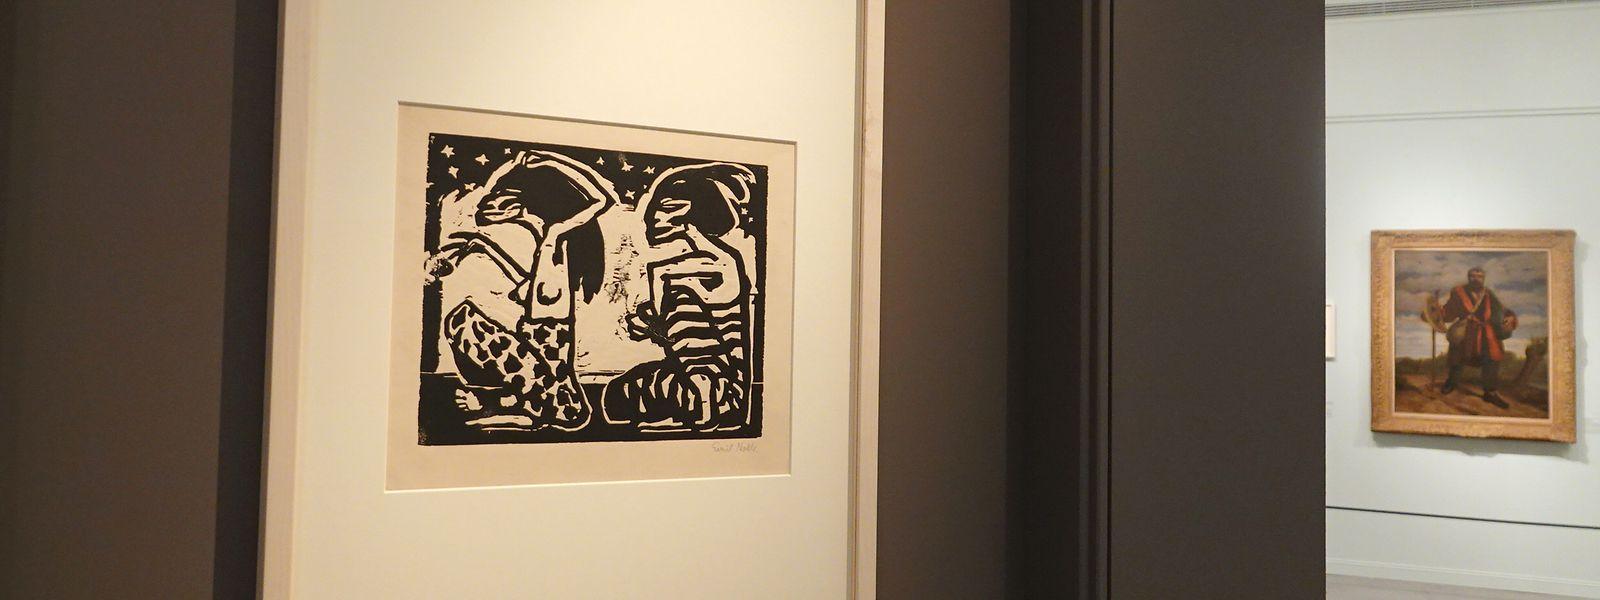 """""""Mann und Weibchen"""" von Emil Nolde in Gurlitt-Ausstellung. Mehr als 80 Werke aus dem Erbe des deutschen Kunsthändlers Hildebrand Gurlitt sind von Dienstag an im Jerusalemer Israel-Museum zu sehen."""